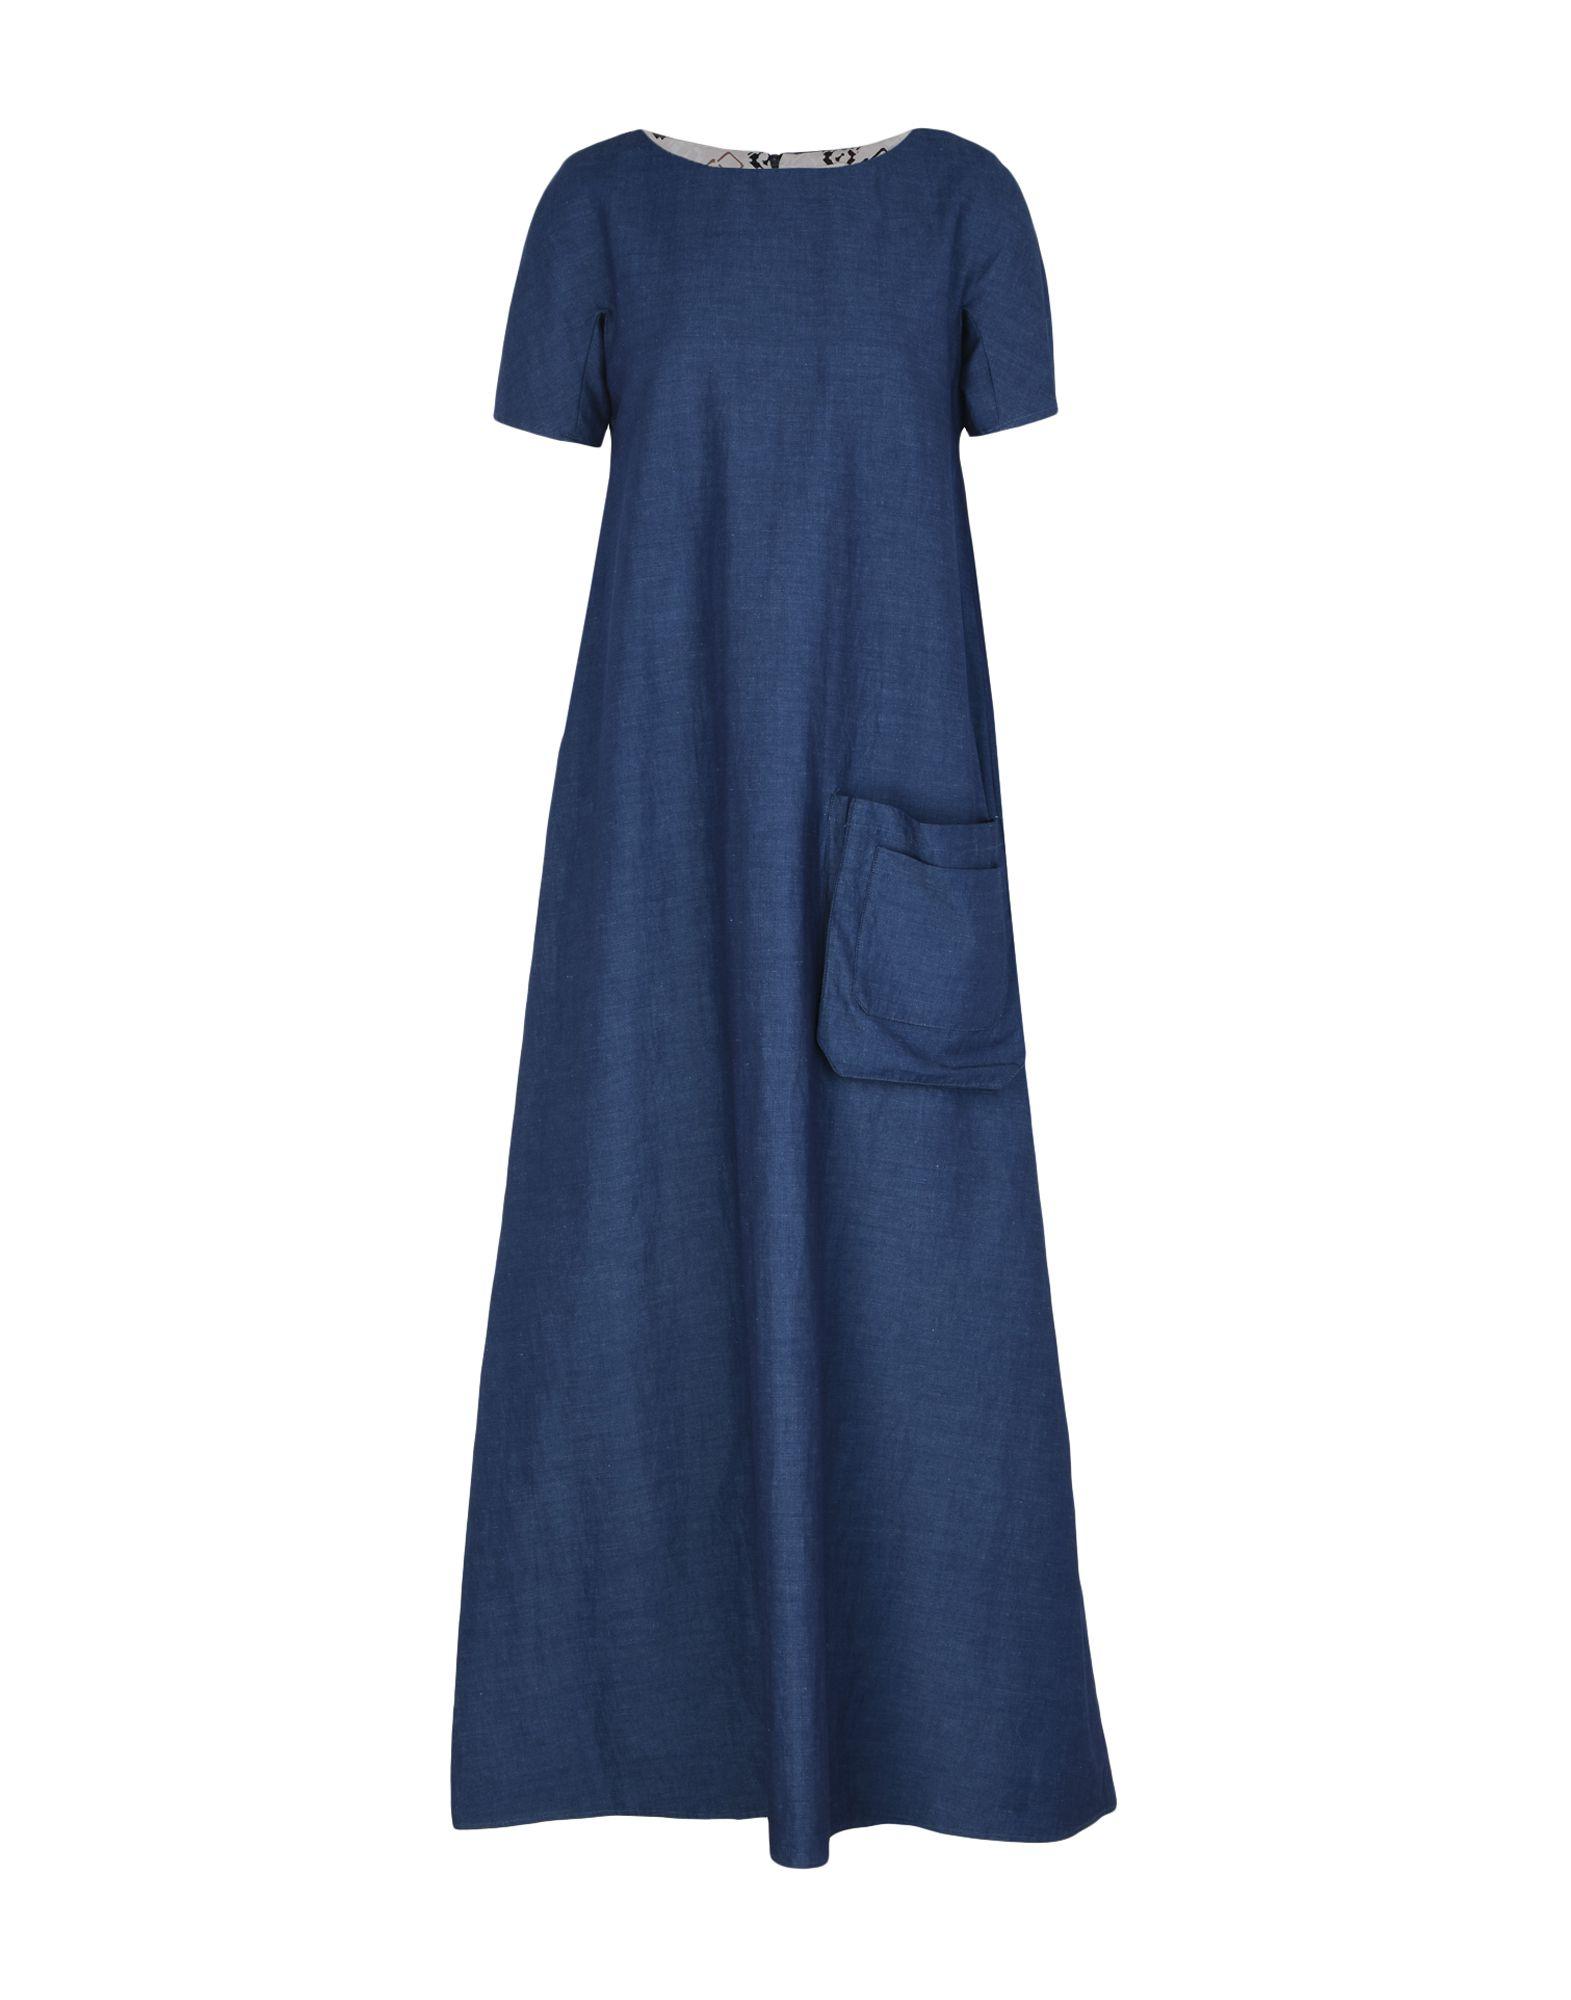 ALTEA dal 1973 Длинное платье altea dal 1973 джинсовая рубашка